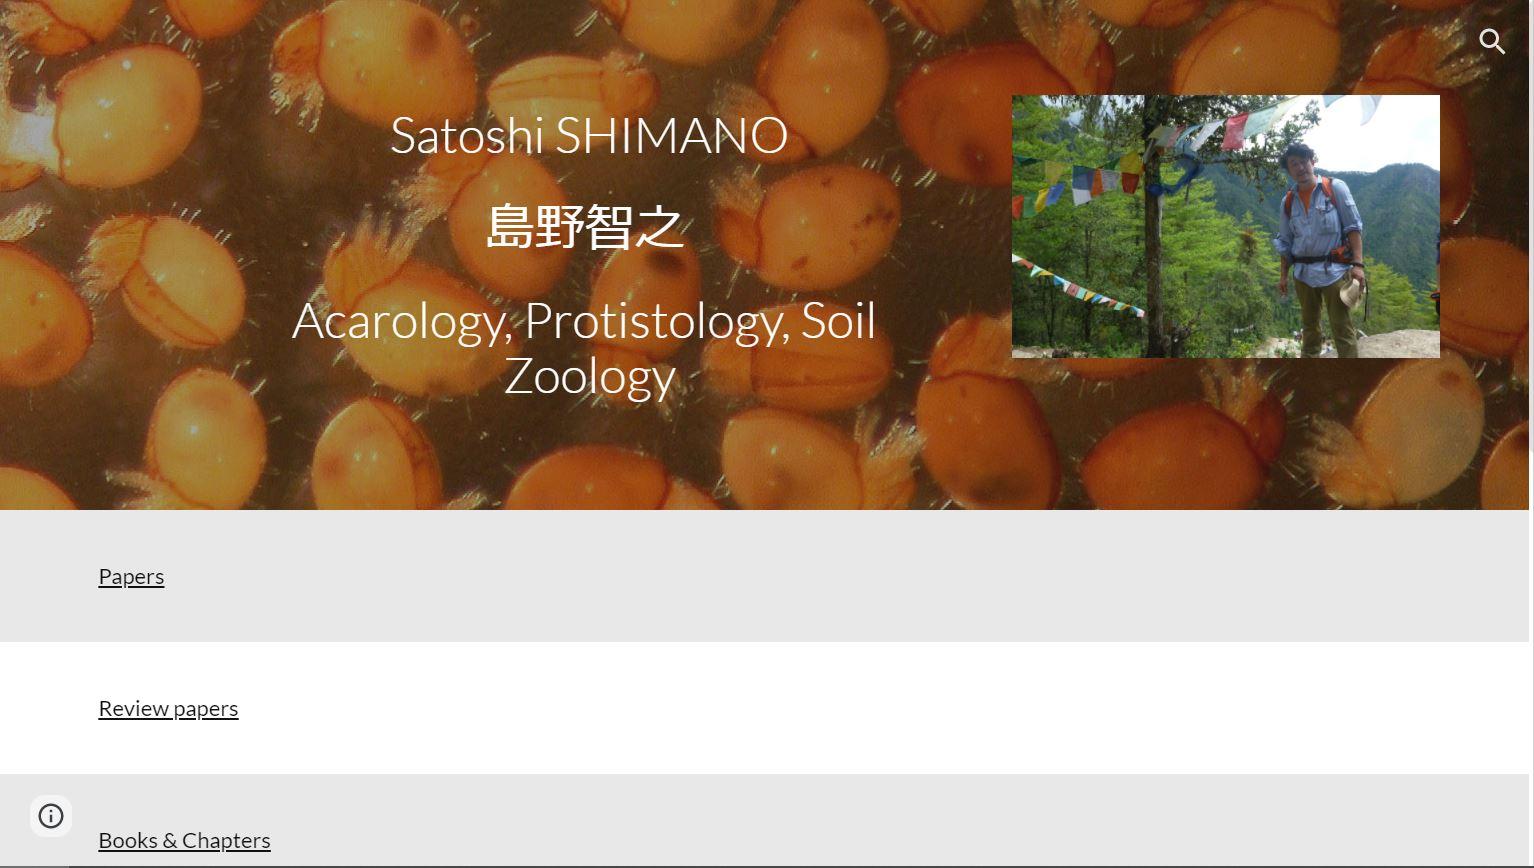 島野智之教授のウェブサイト